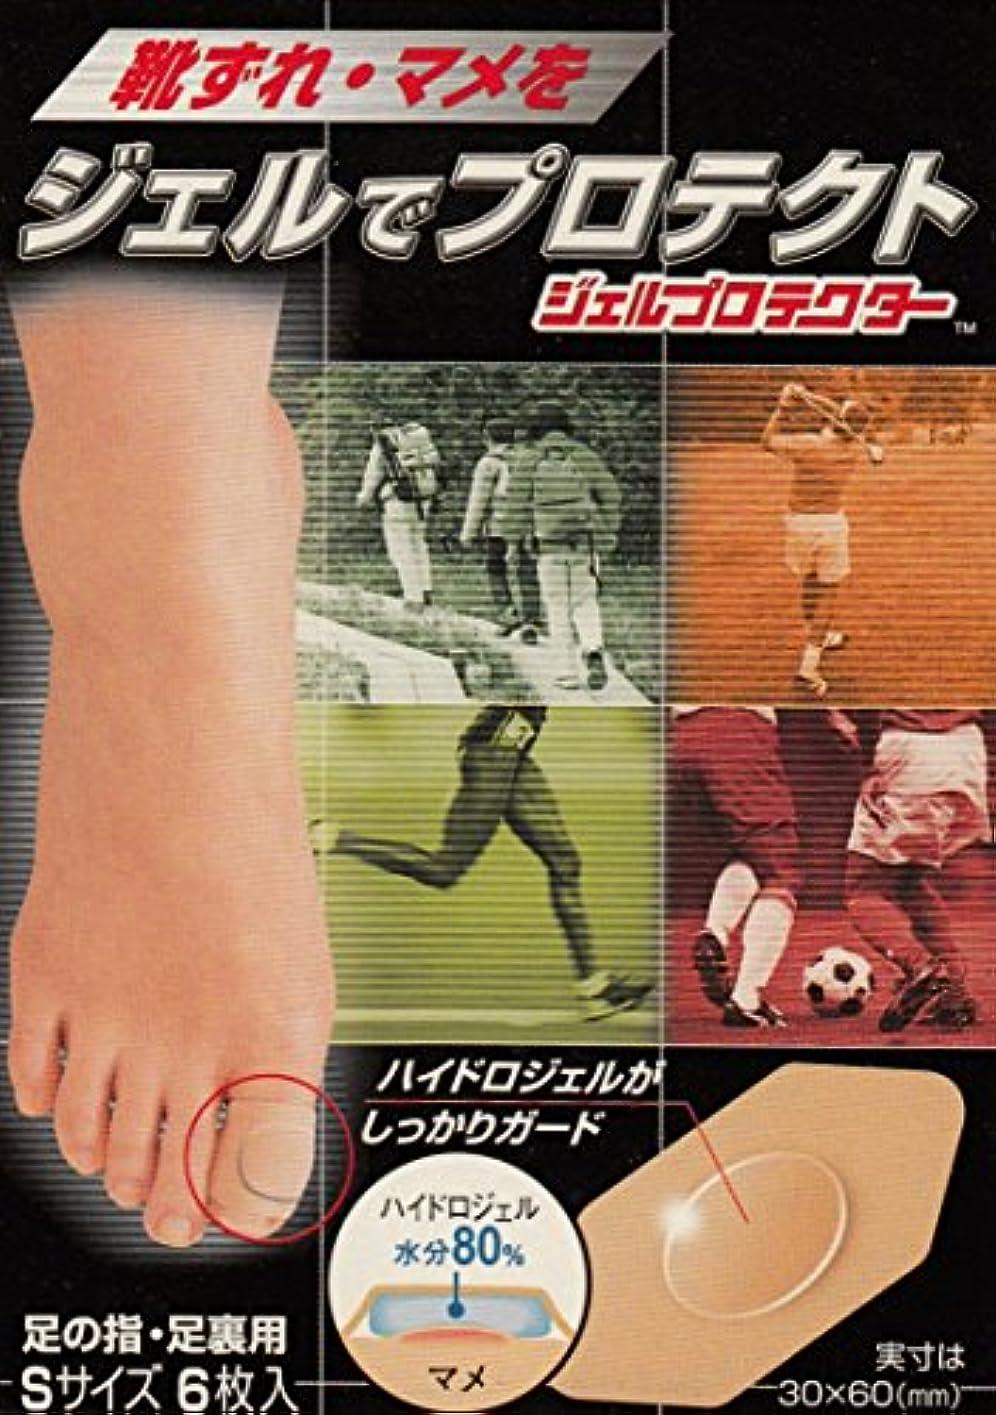 政令ワットライナー【ニチバン】バトルウィン ジェルプロテクター 足の指?足裏用 Sサイズ6枚 ×3個セット